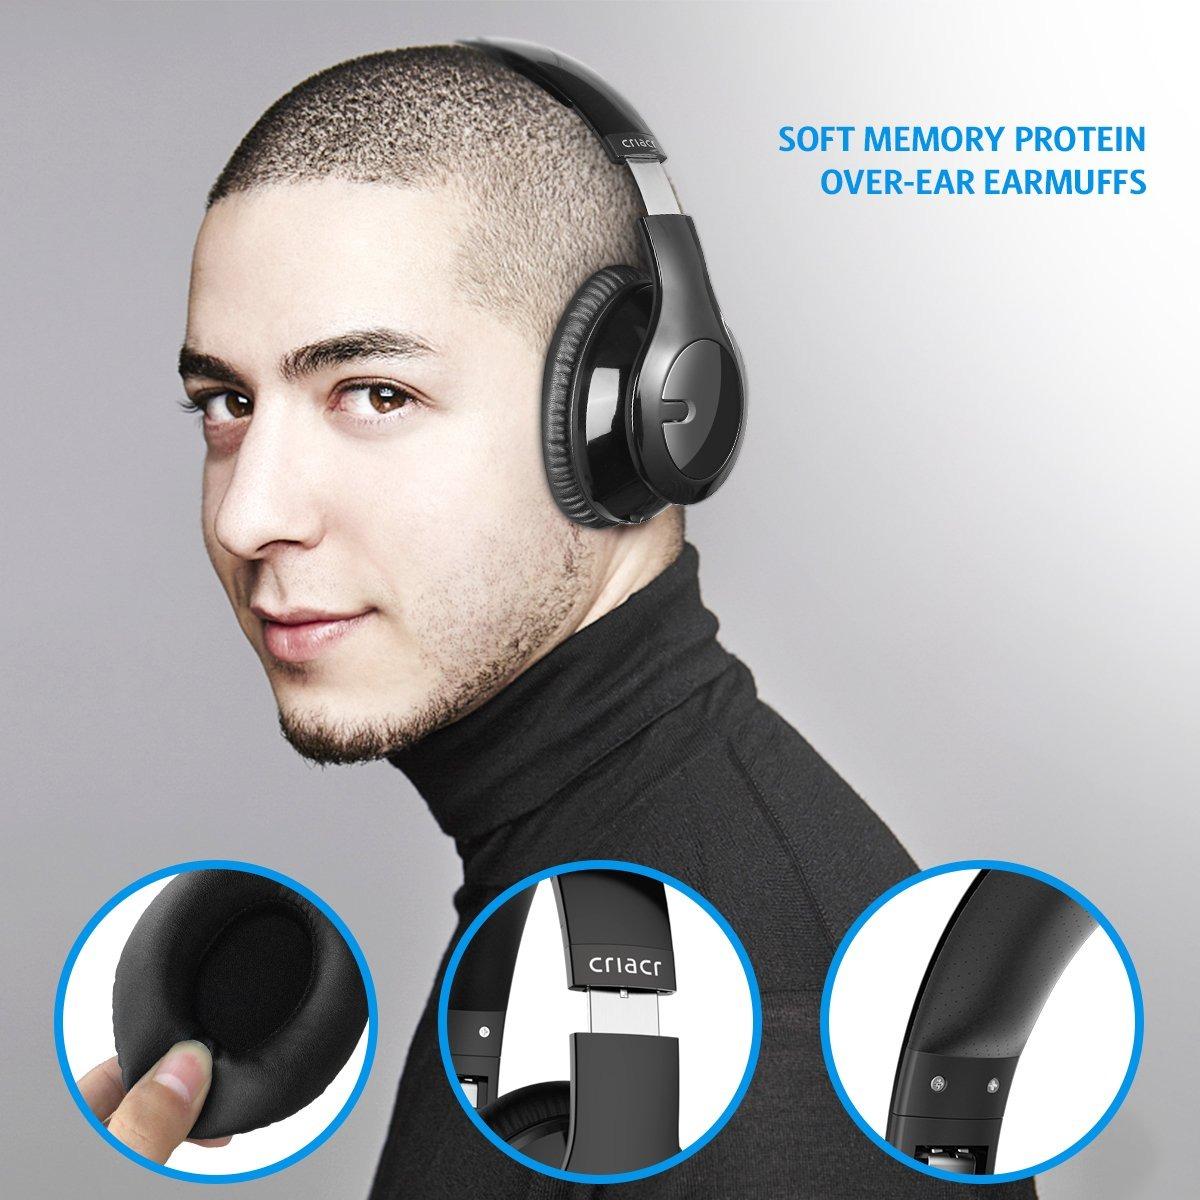 6e40d659c86 Criacr Bluetooth Auriculares Encima Oreja , Suave Orejeras ...